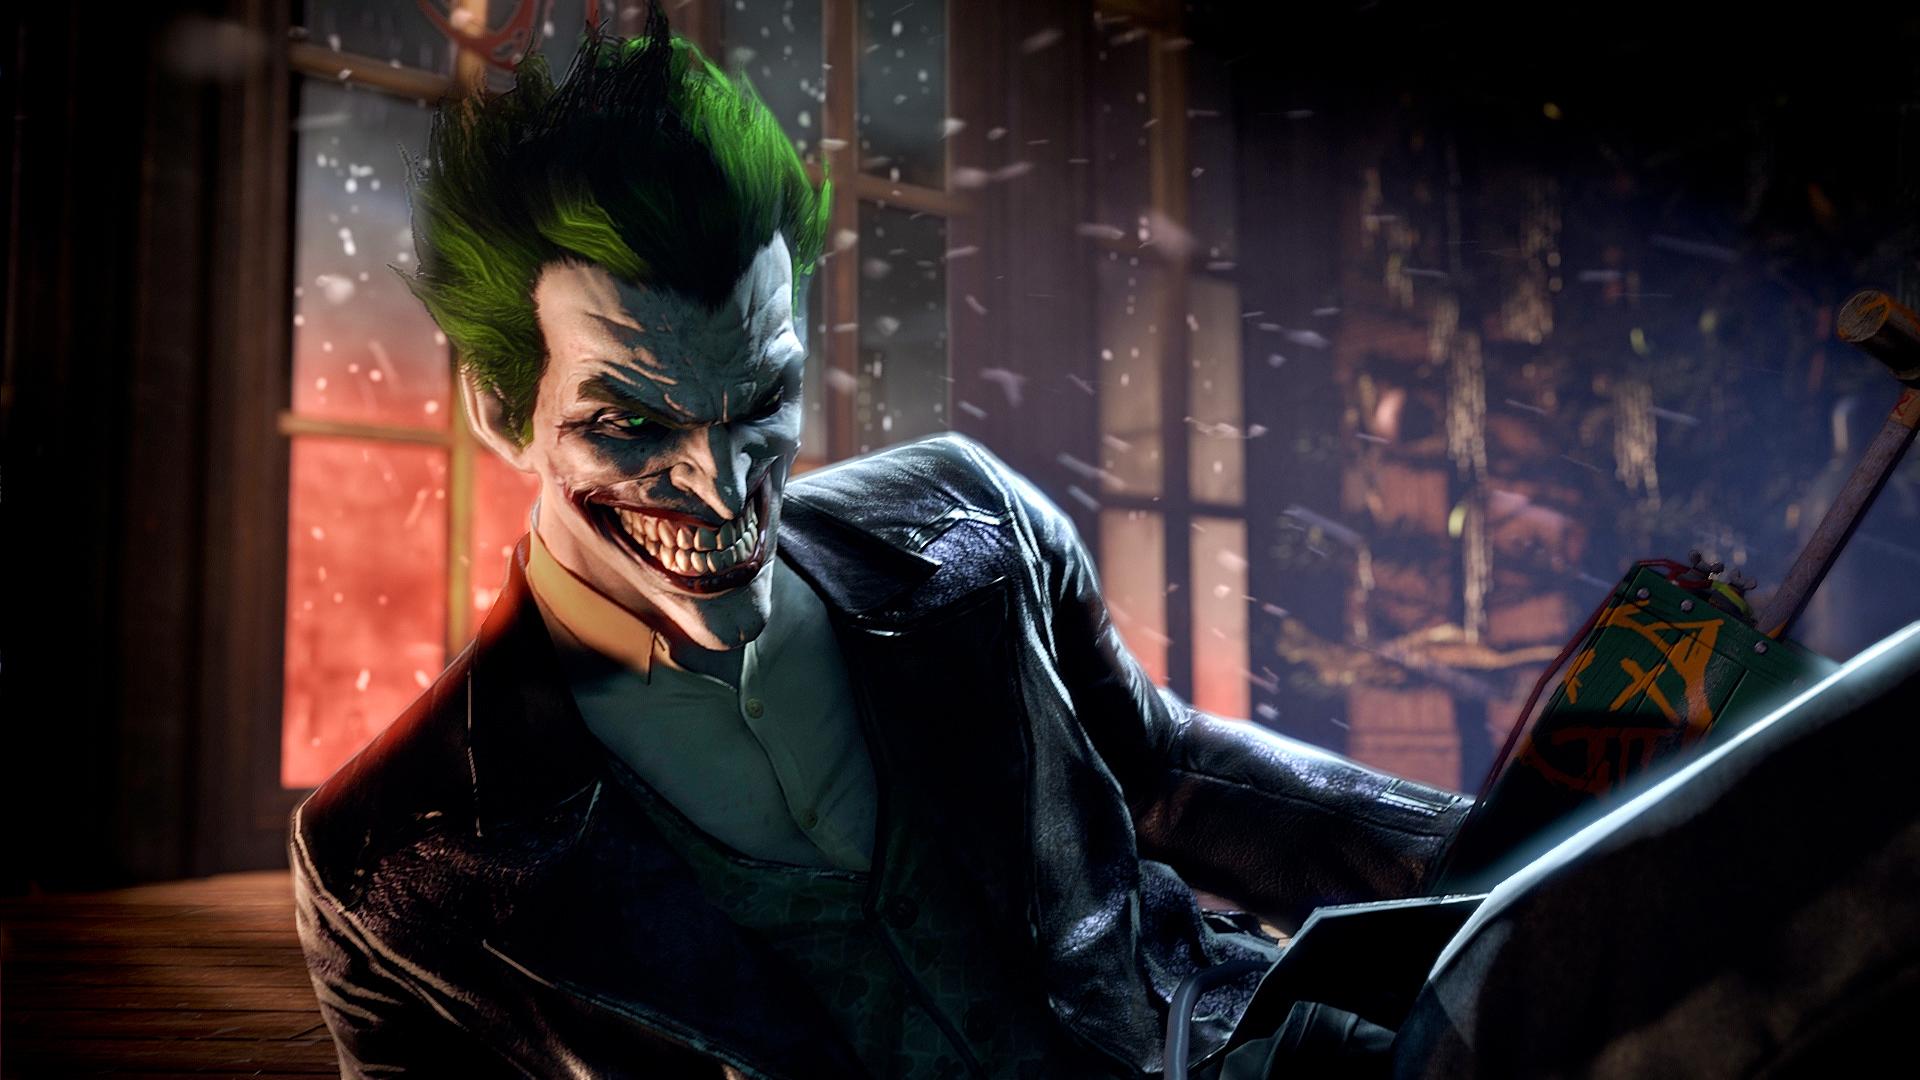 The Joker Hd Wallpaper 1920x1080